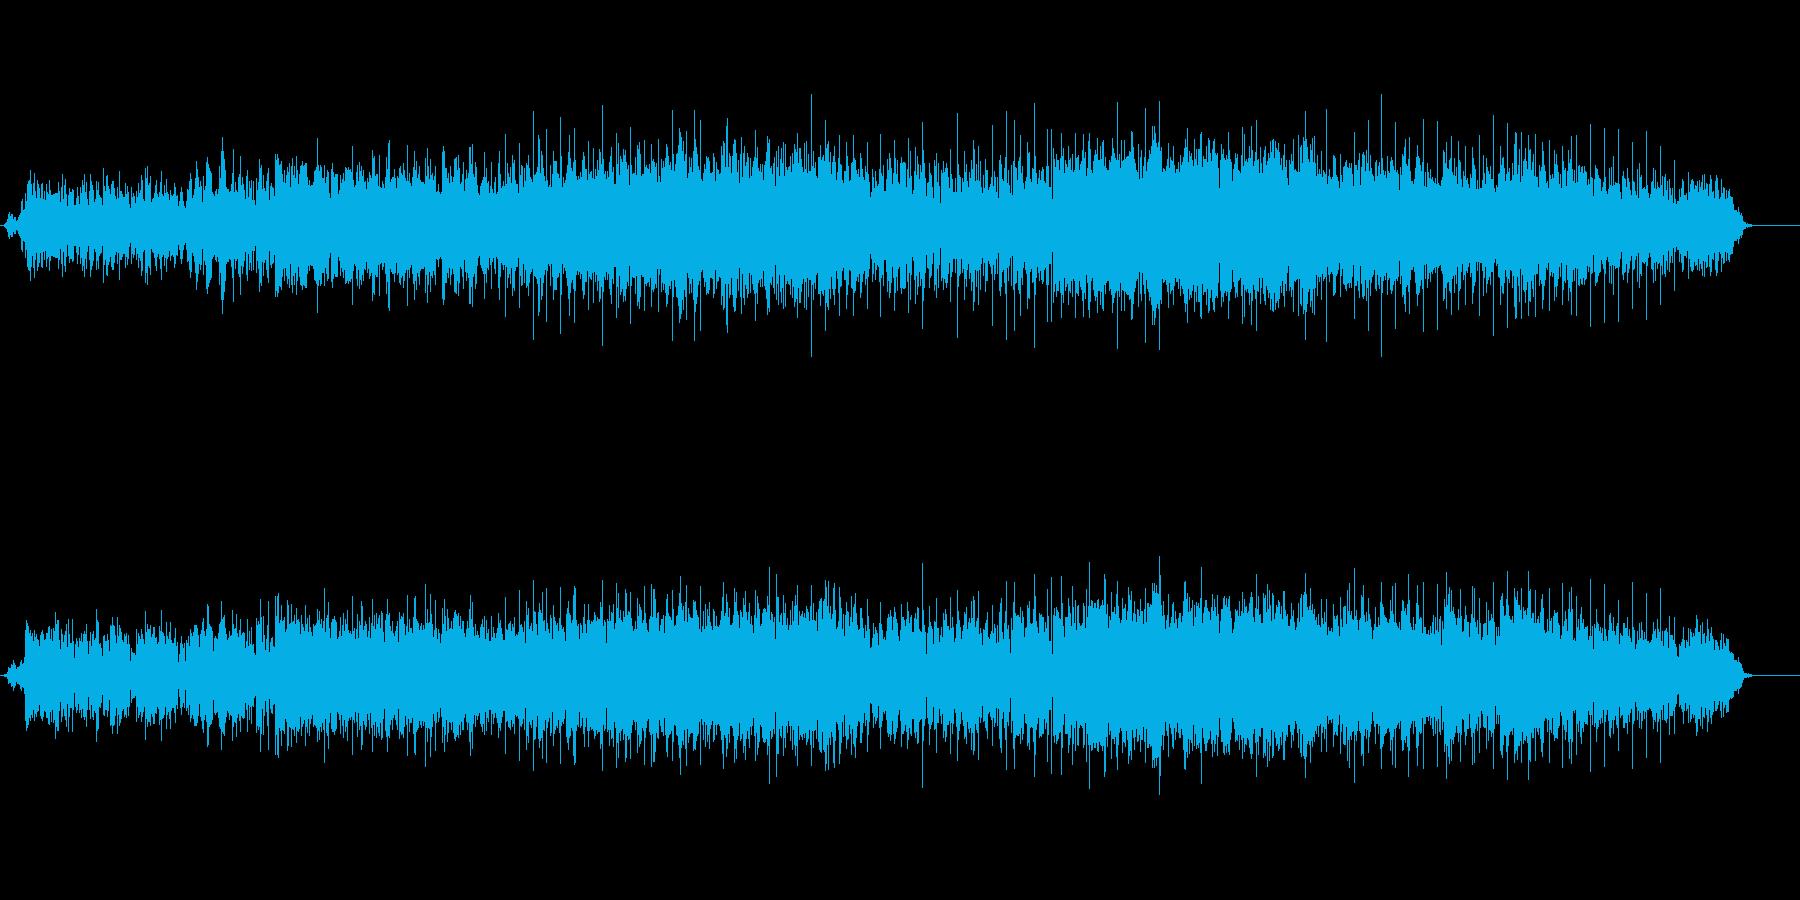 ゆったりと盛り上がるバラードの再生済みの波形